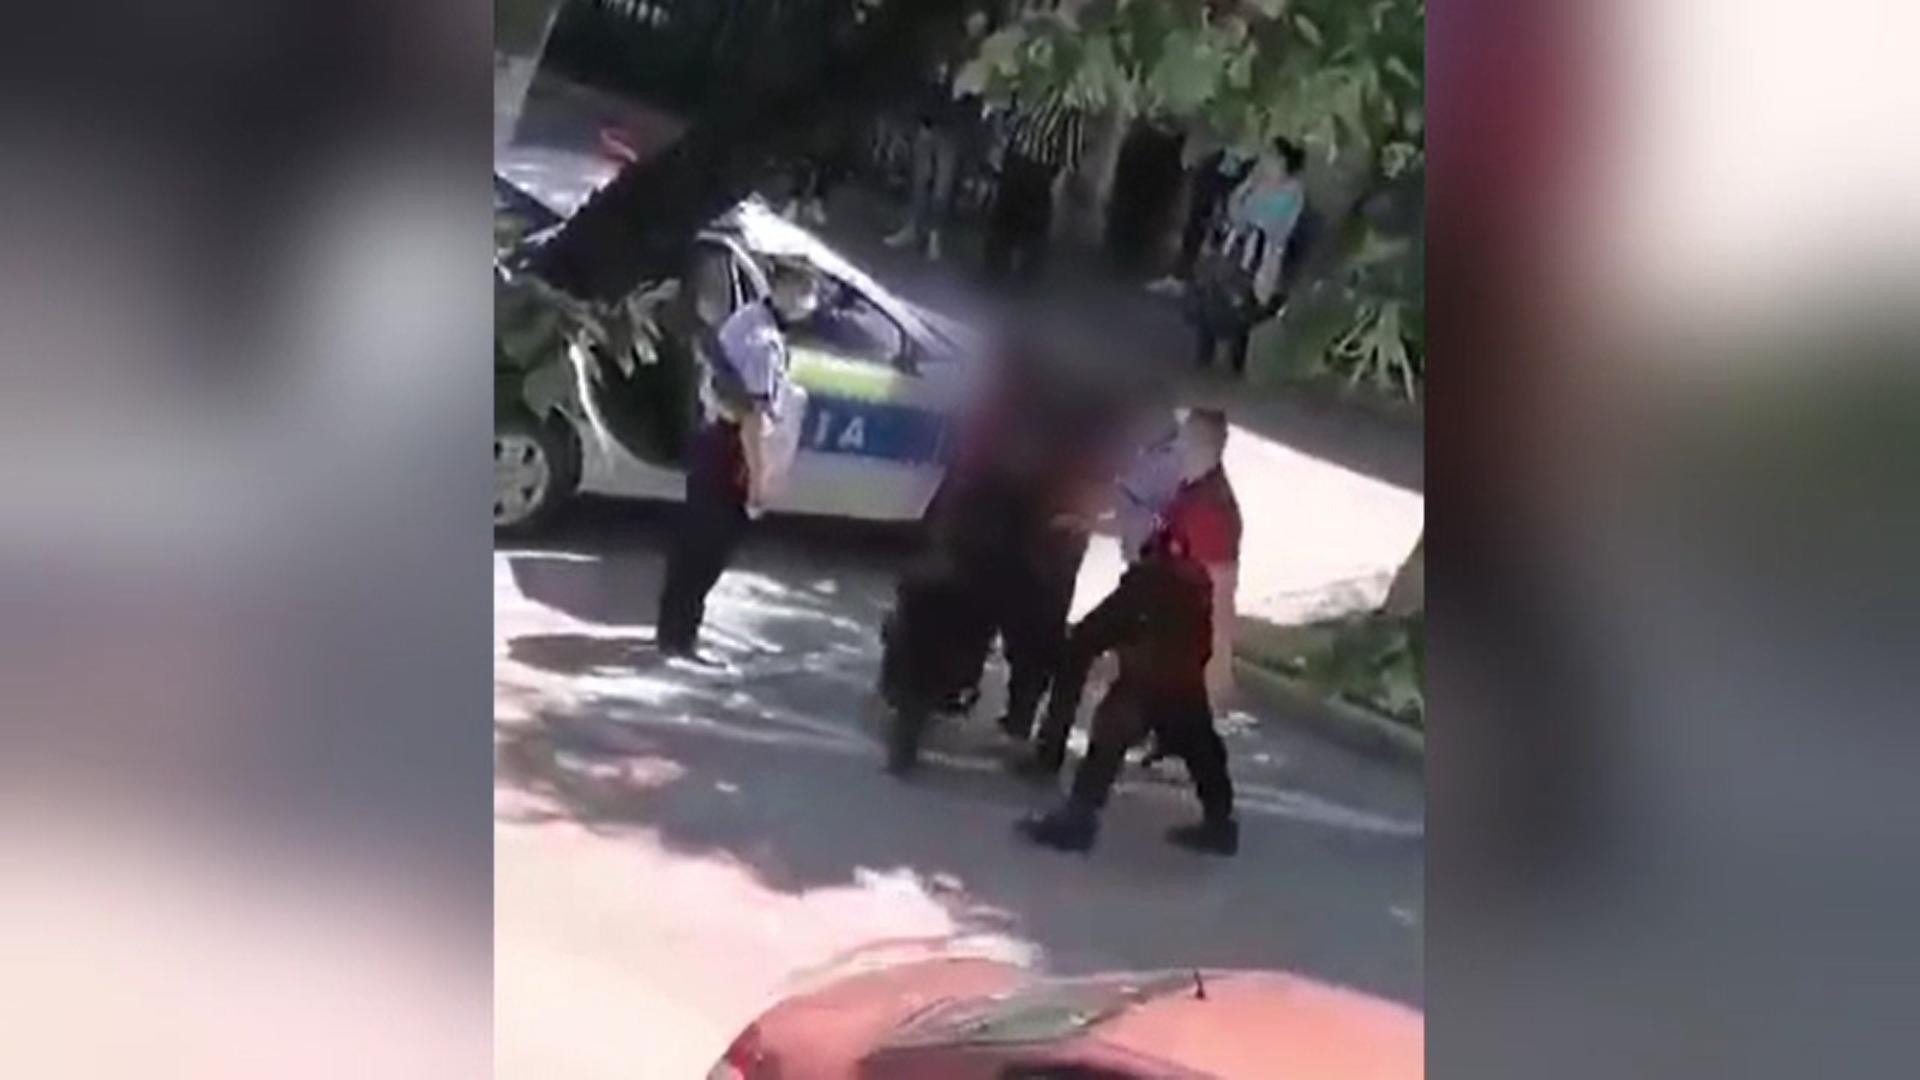 Un bărbat din Tecuci, imobilizat de poliţişti după ce a lovit cu picioarele autospeciala de poliţie